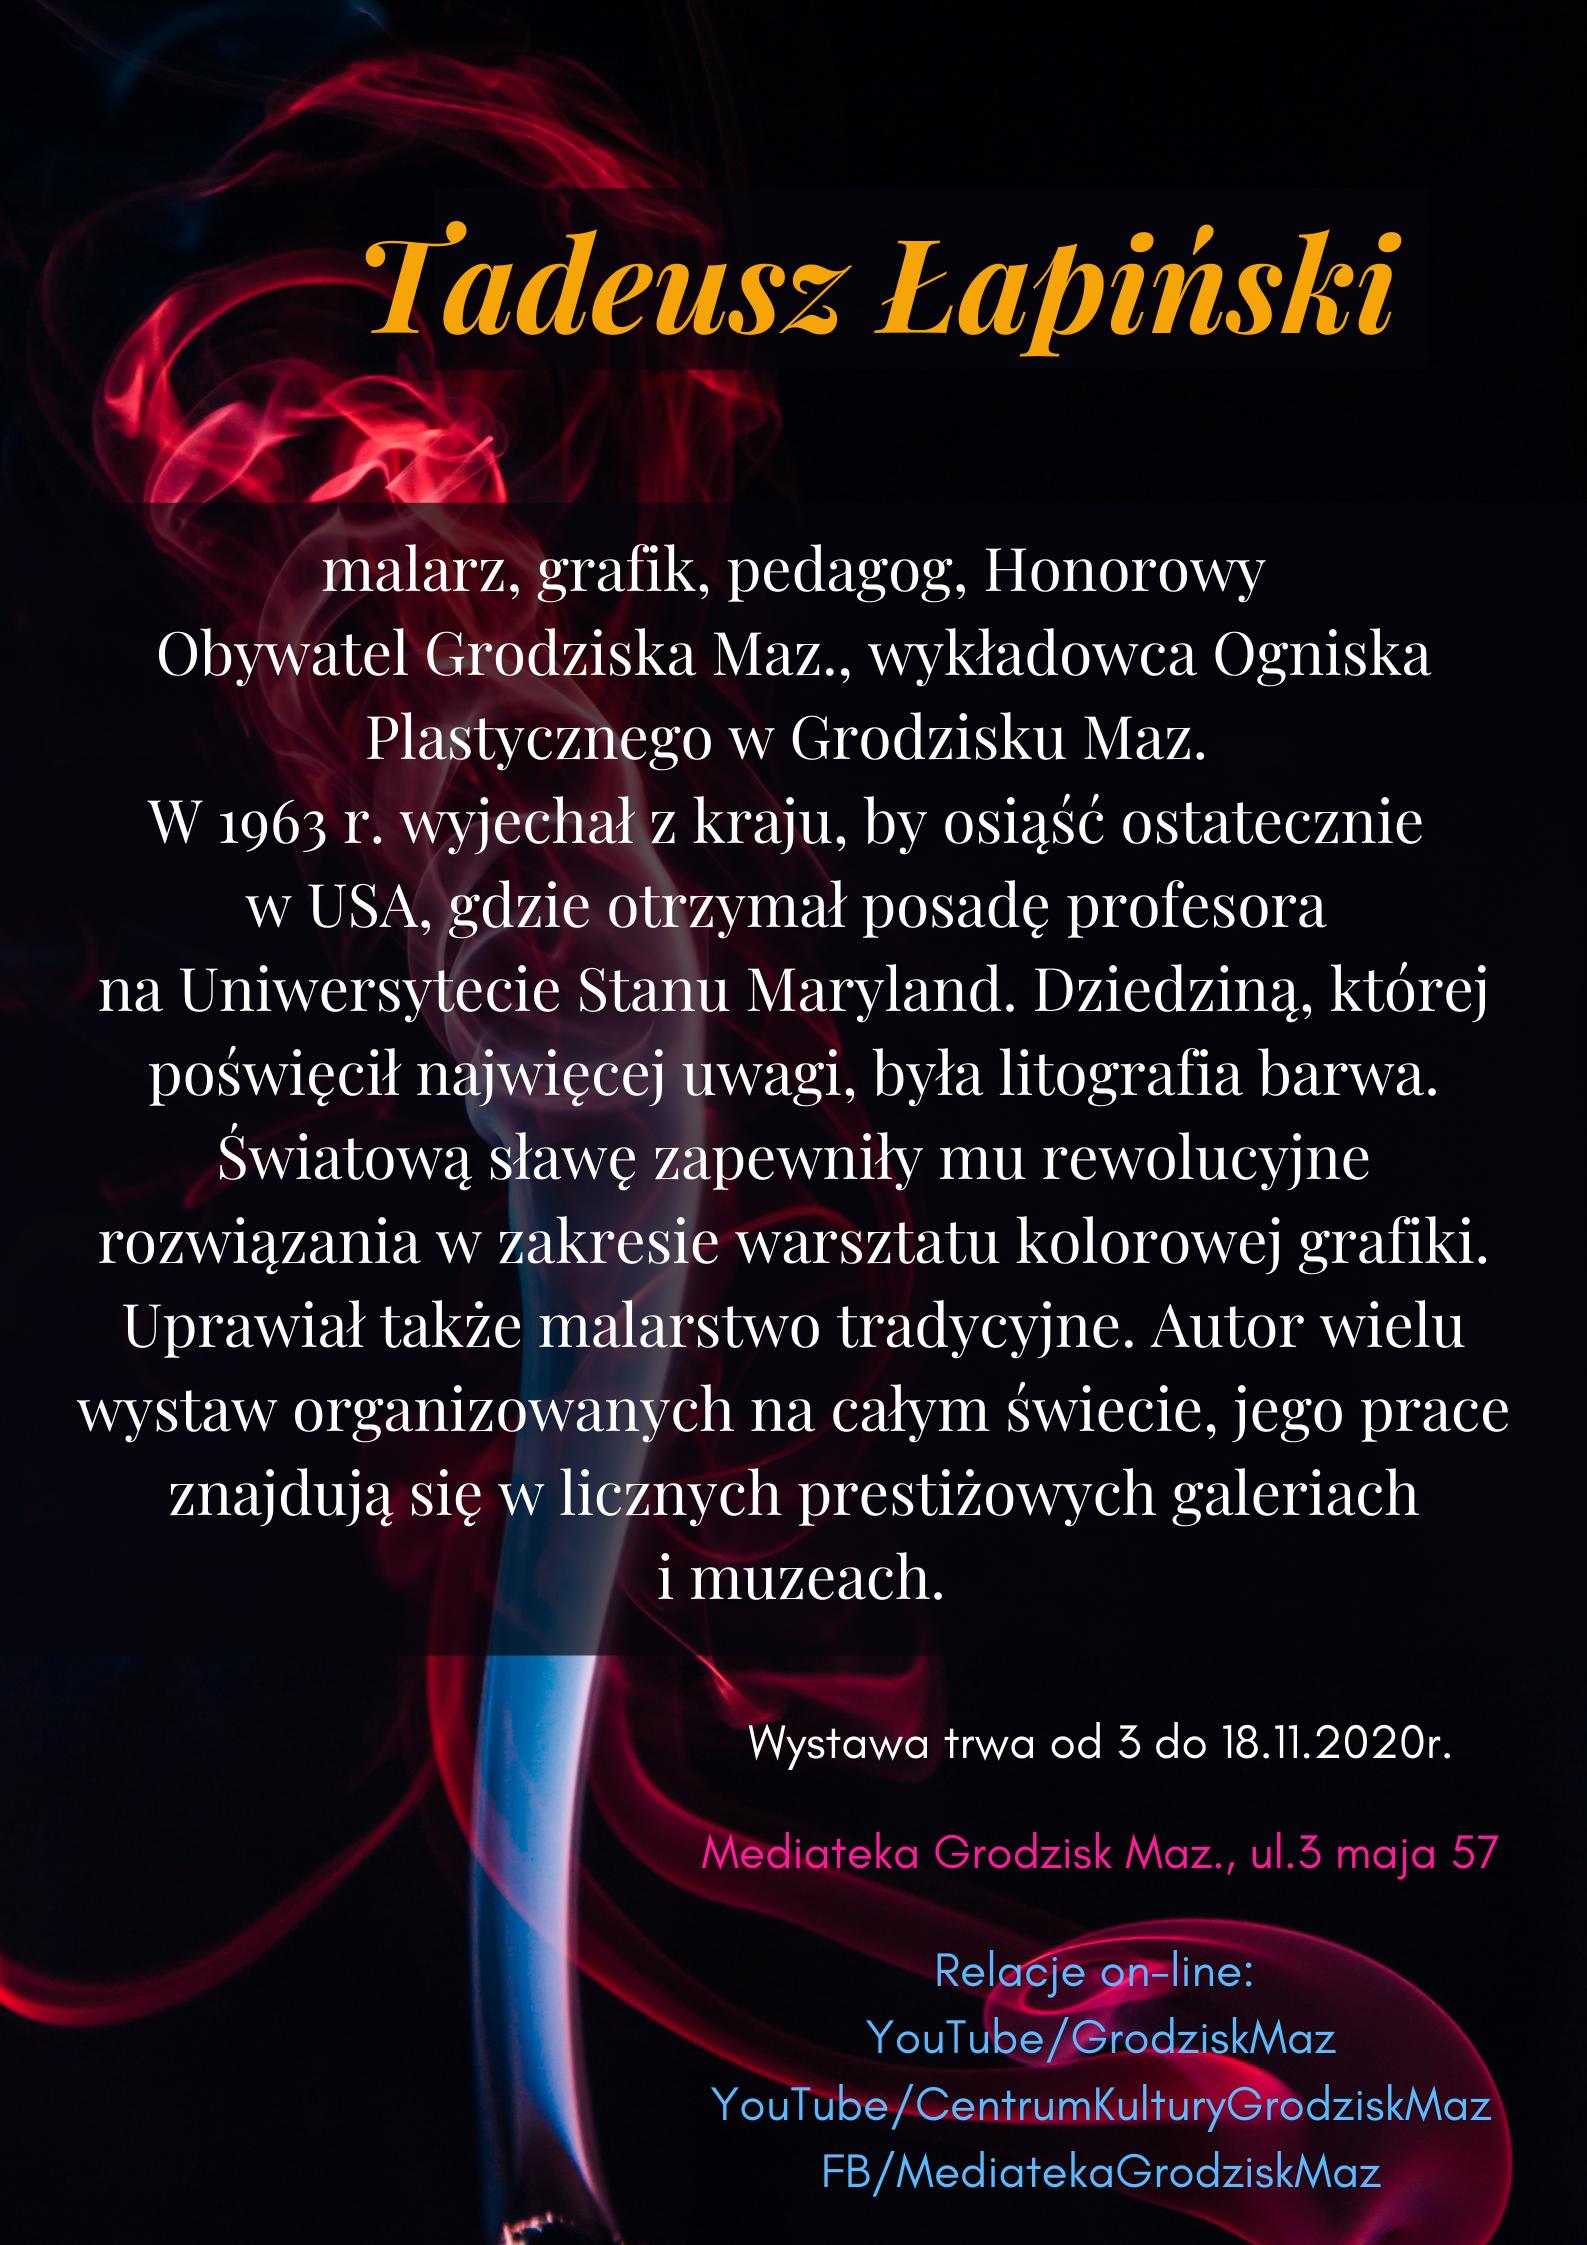 """""""To będzie na wieczność"""" wystawa pamięci grodziskich artystów – Tadeusz Łapiński"""